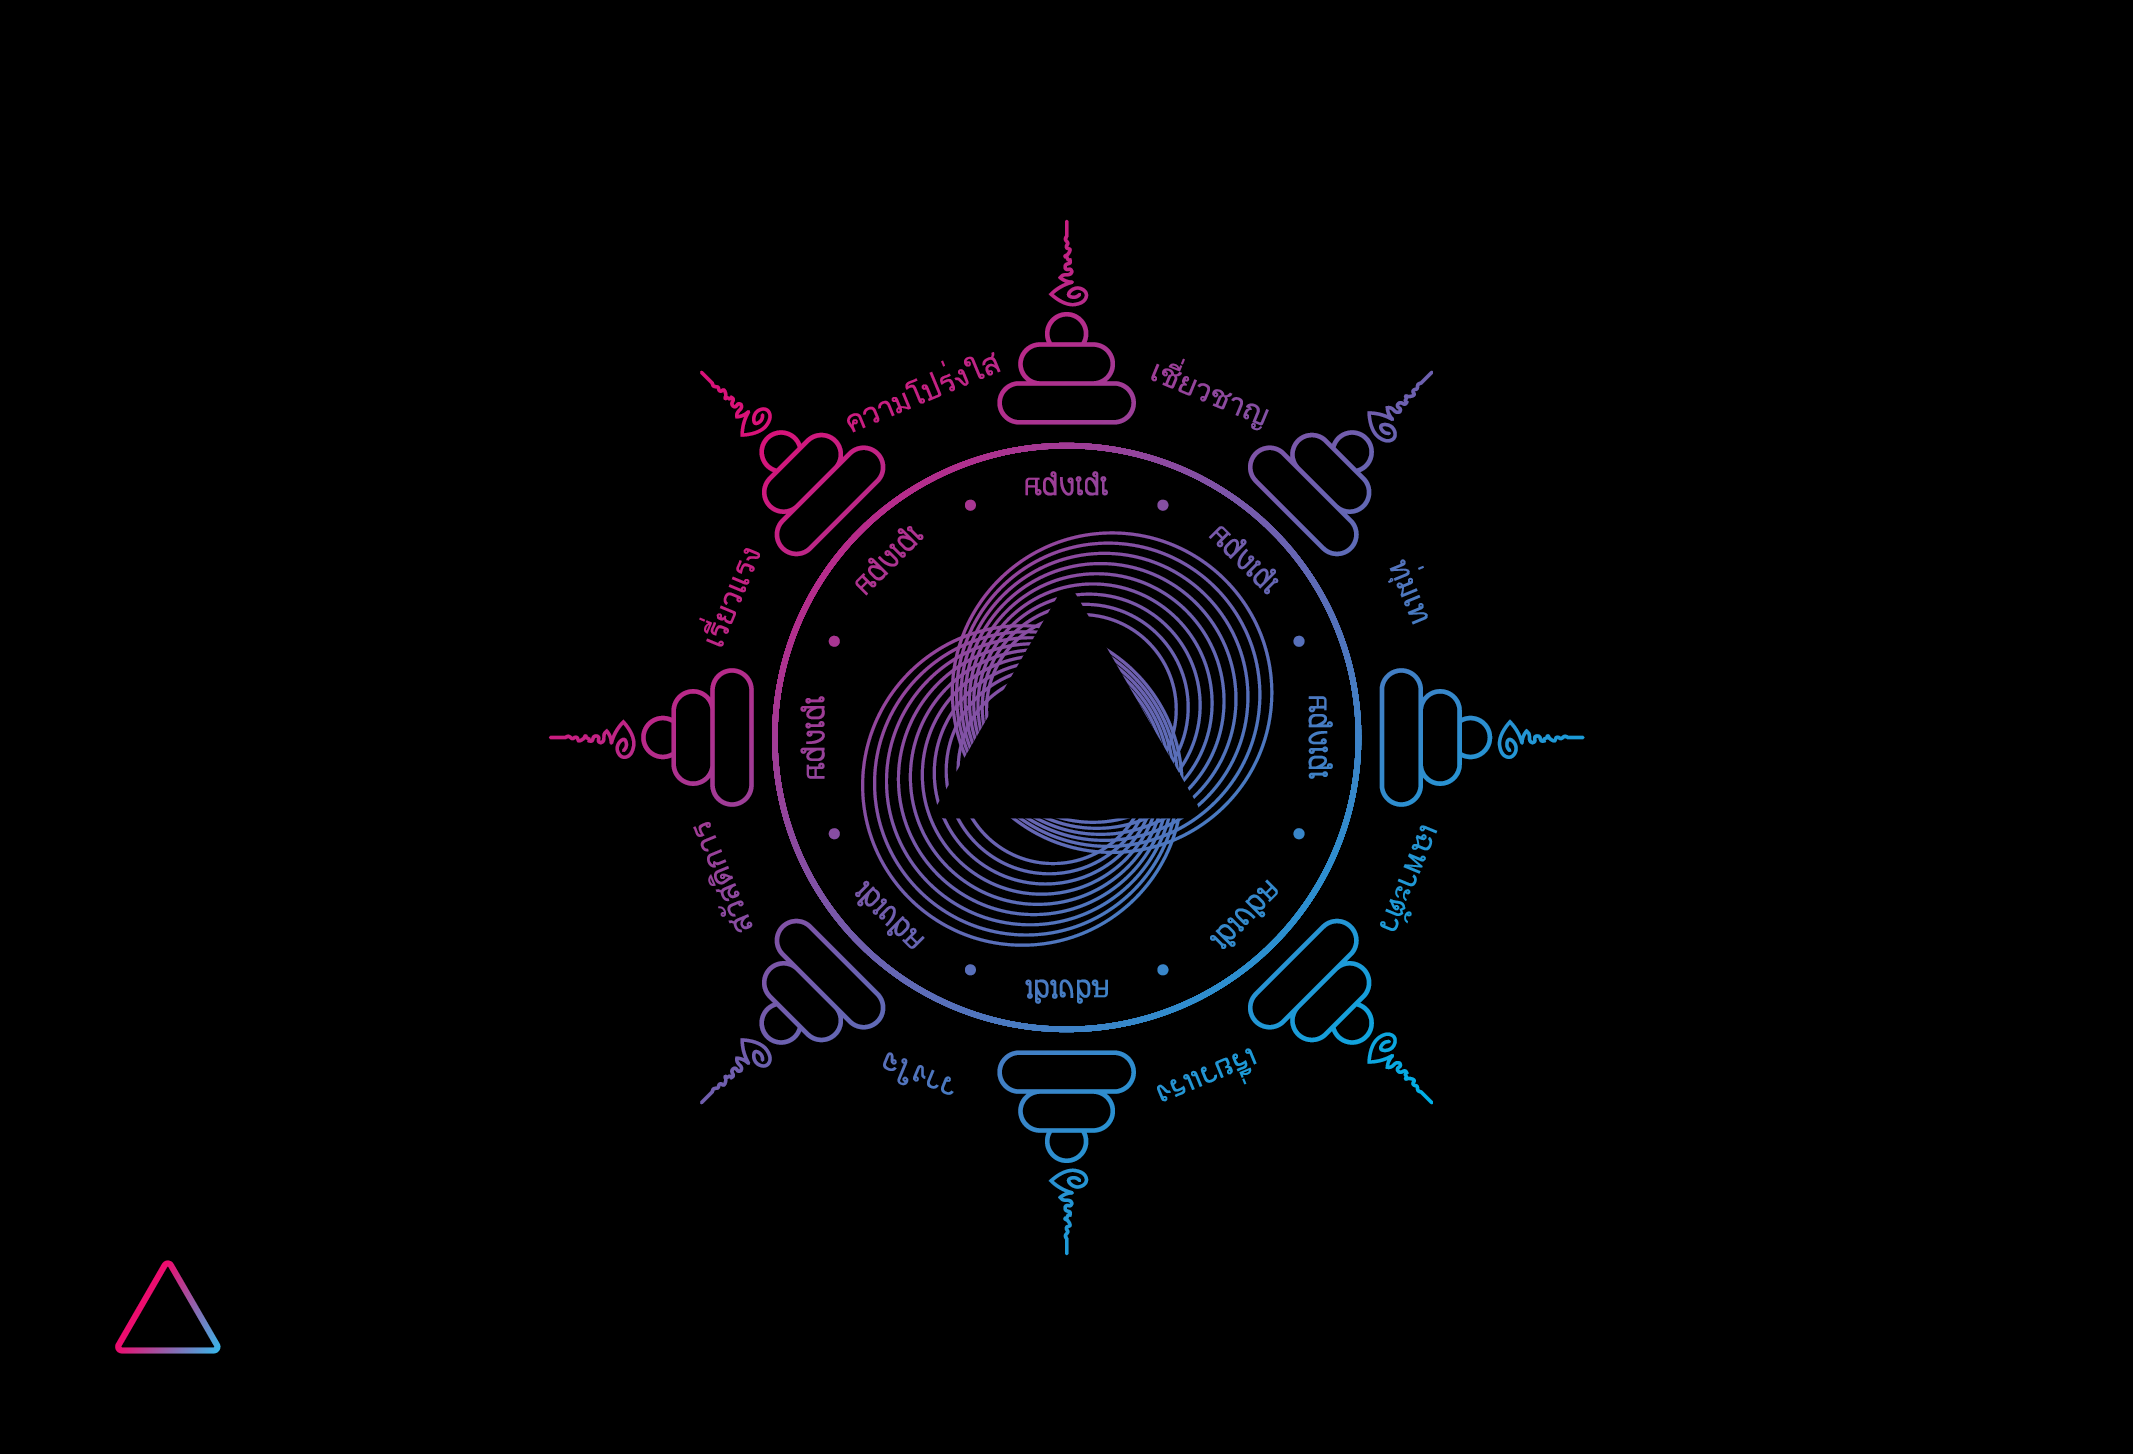 Join Advidi's Circle of Strength at AWA 2018